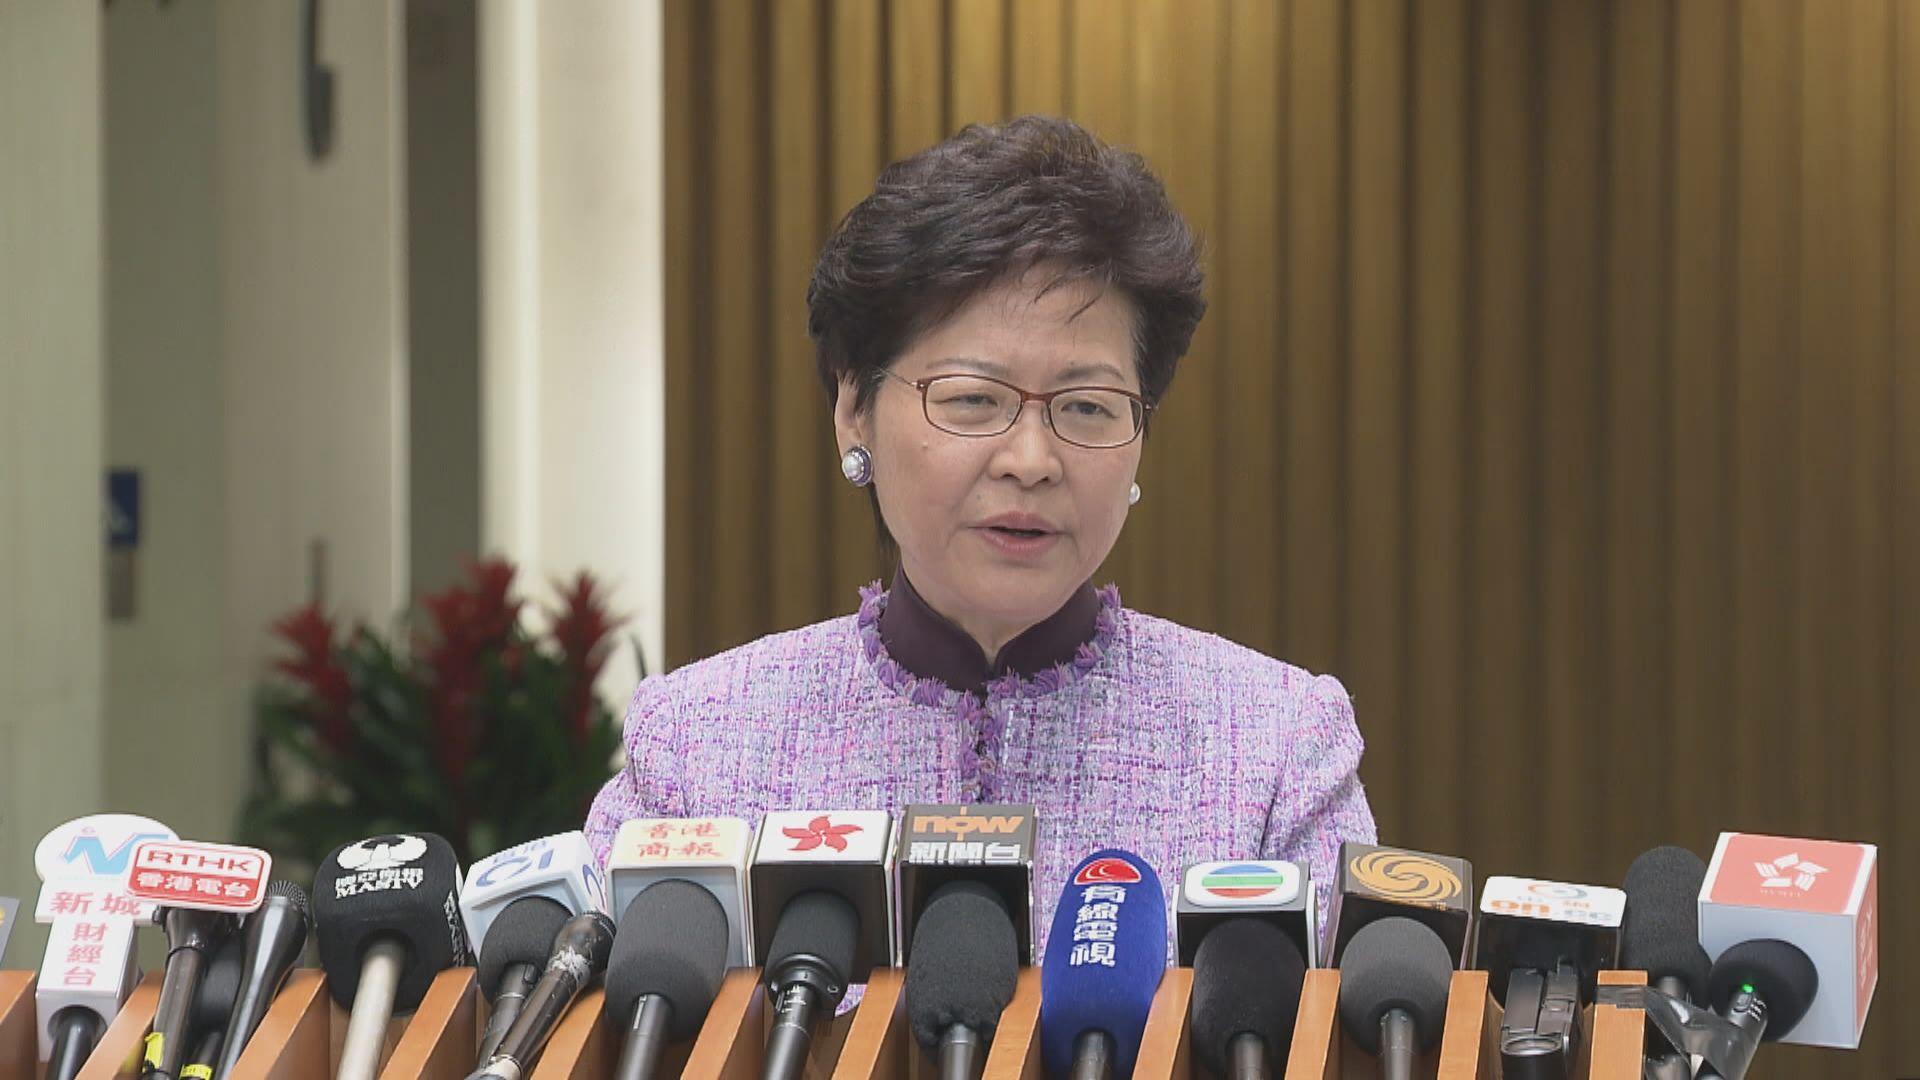 林鄭:檢討私人遊樂場政策後才決定是否收回高球場